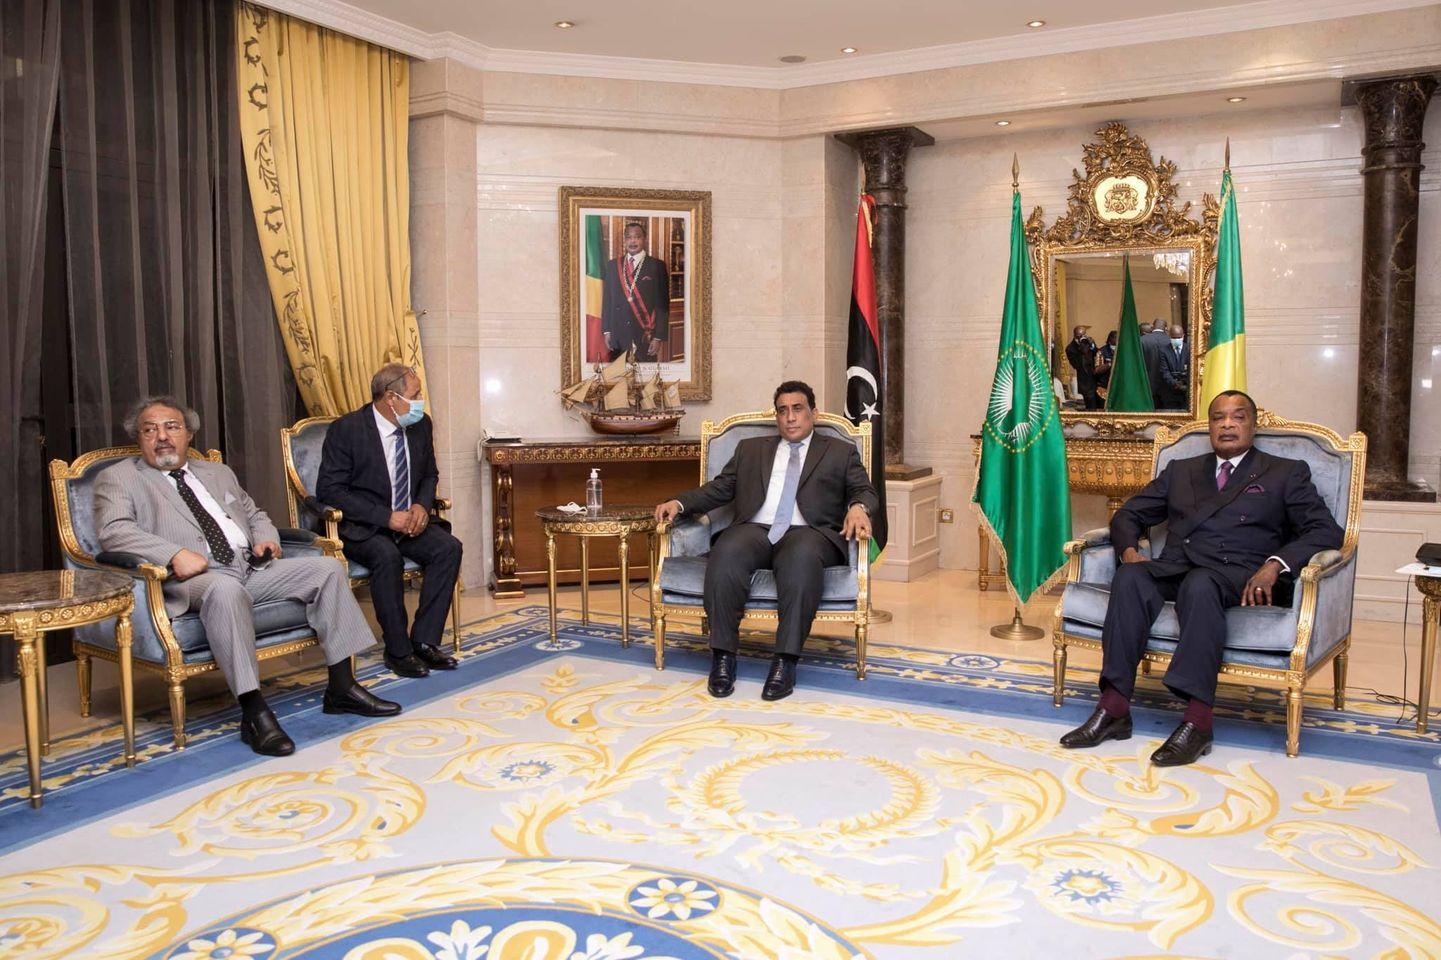 «المنفي» يُطالب الاتحاد الأفريقي بدعم جهود السلم والمصالحة في ليبيا